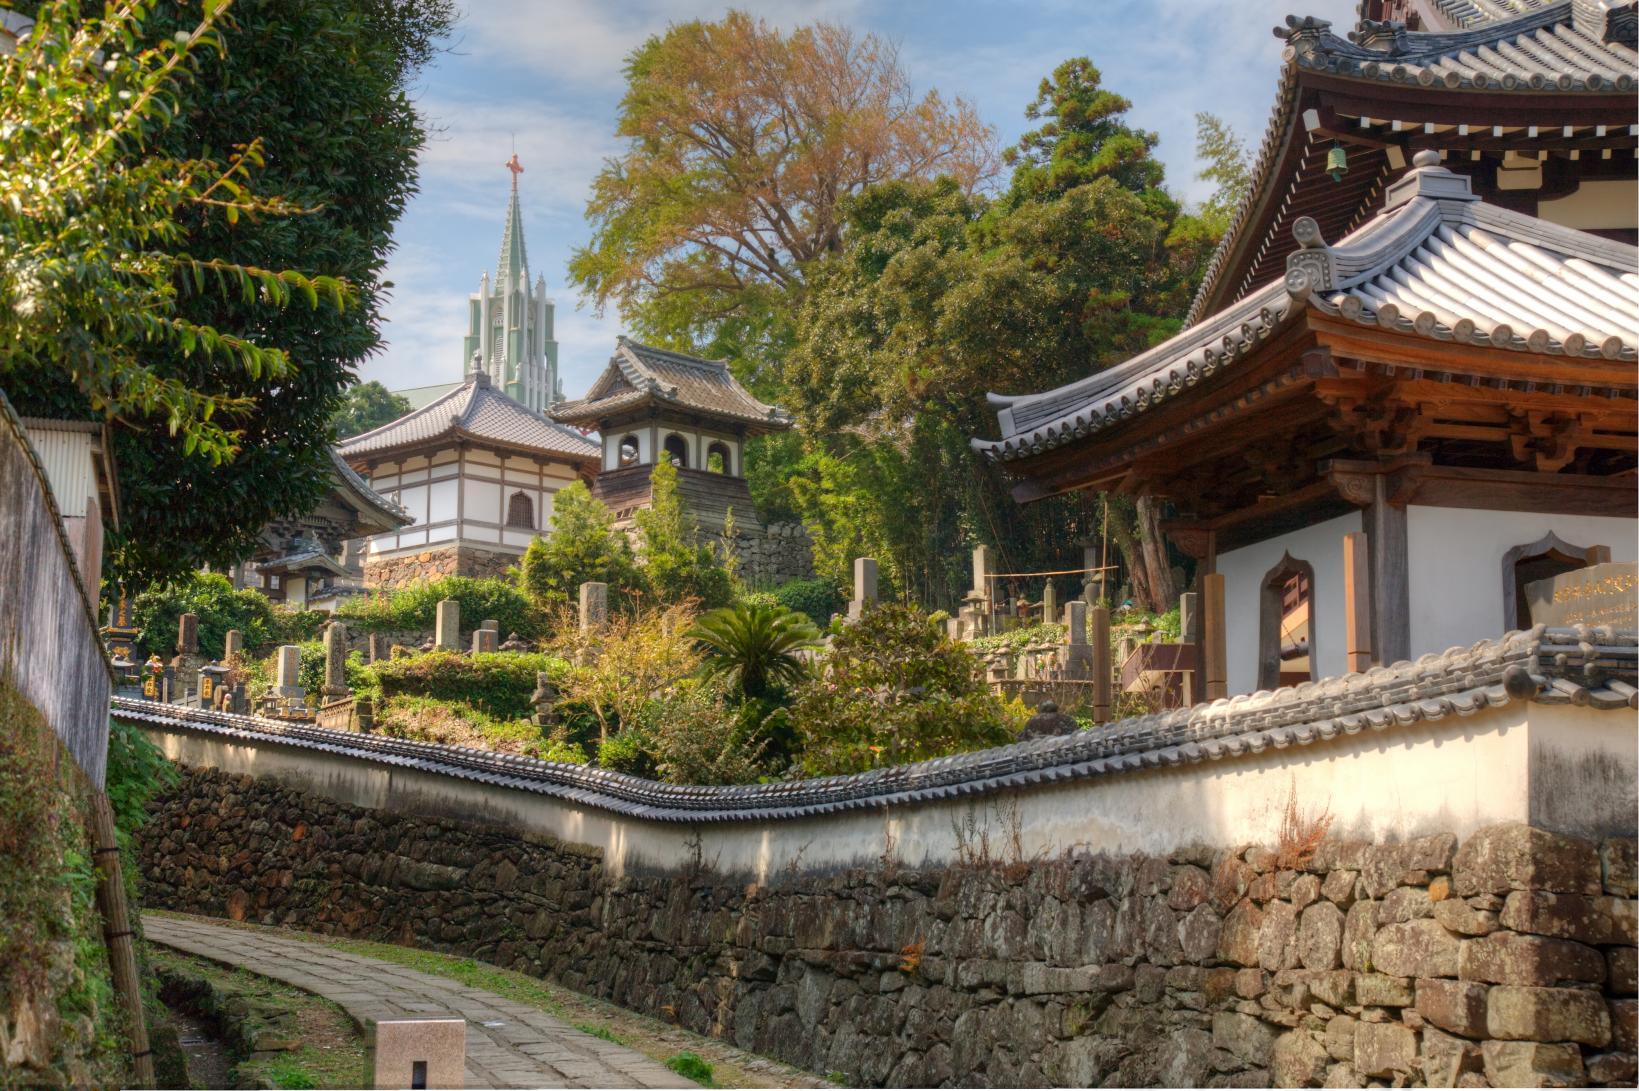 【第2天】松浦 寺院与教会重叠的风景-1